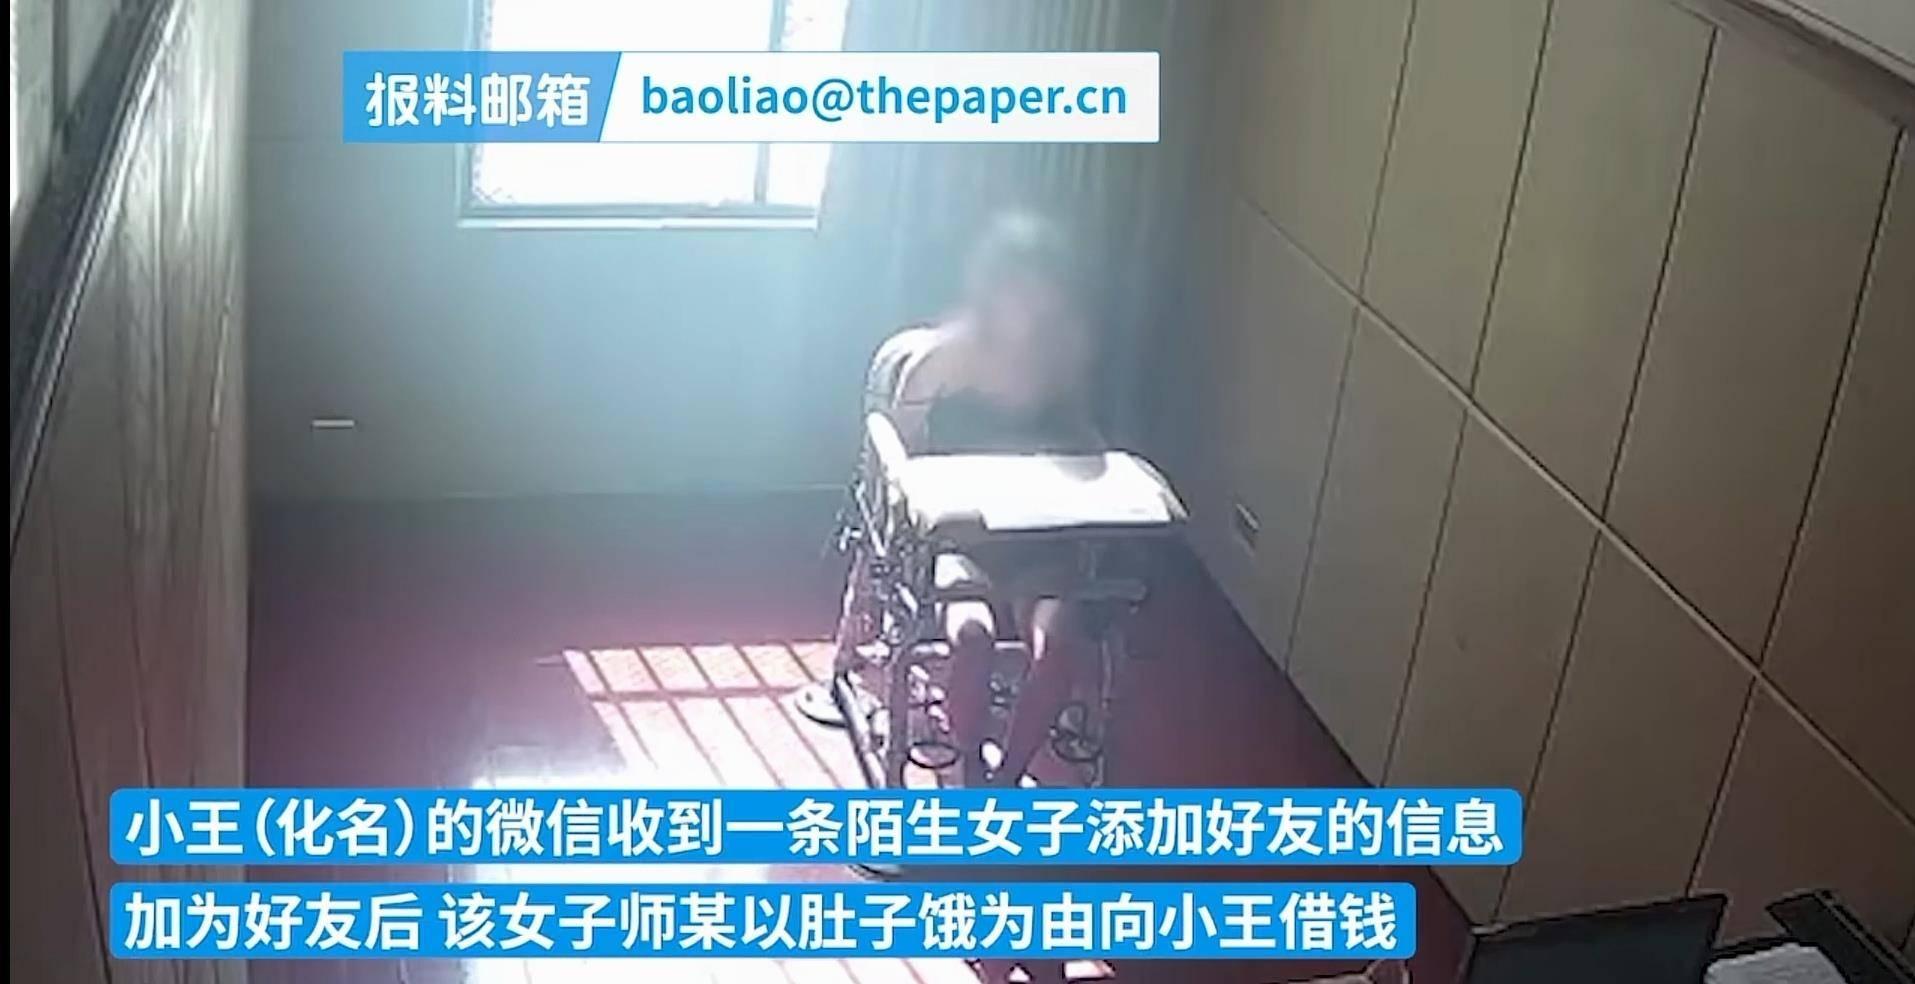 云南曲靖:男子见女网友时被打劫,发现劫匪与去年